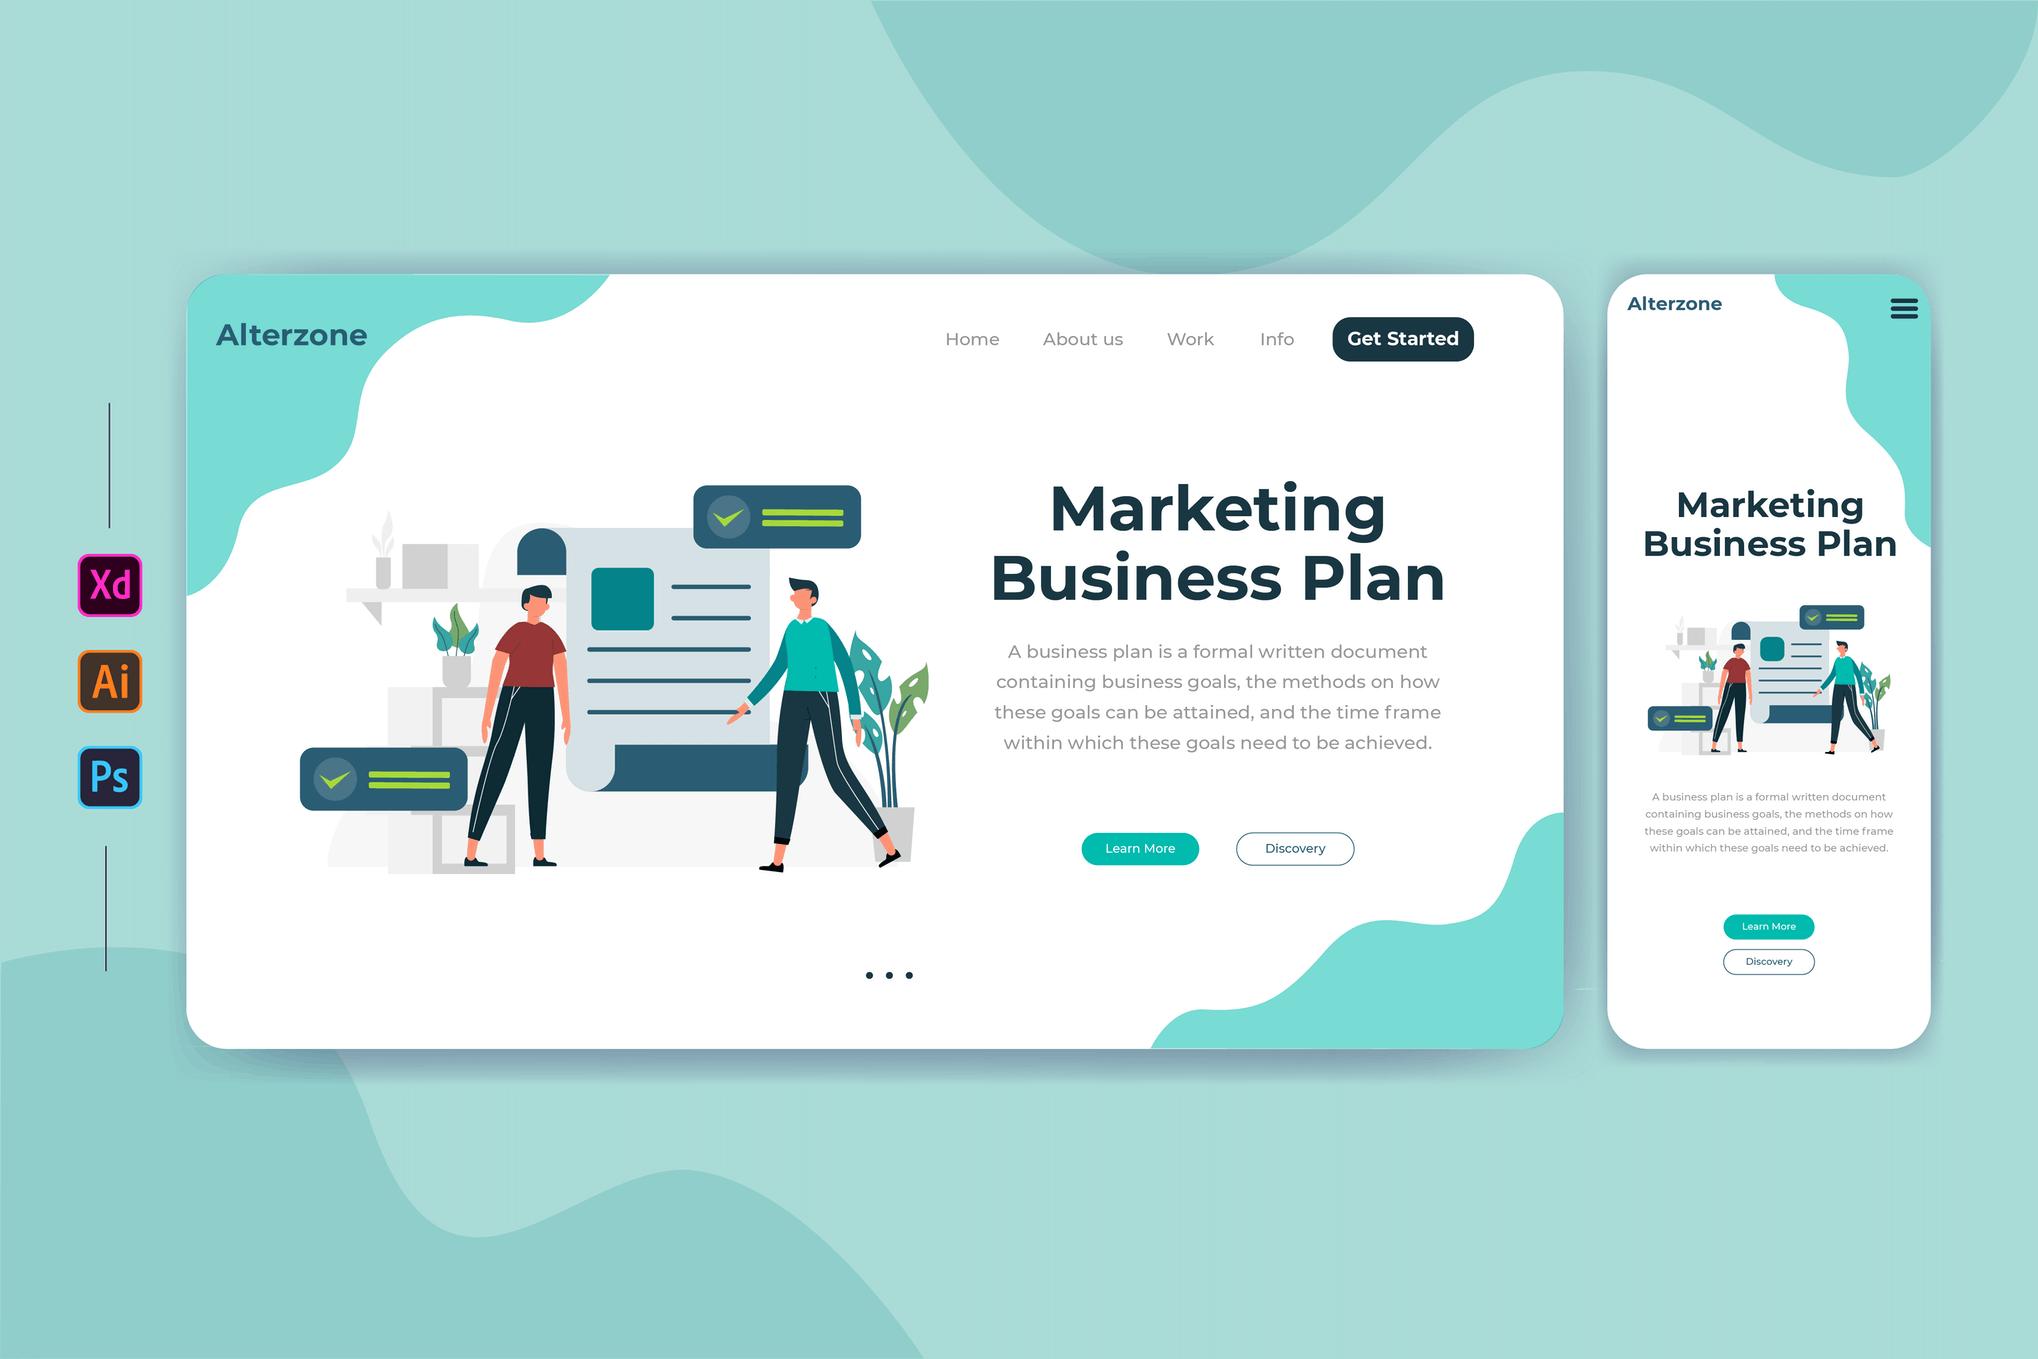 营销业务计划 网页banner插图ui模板素材下载